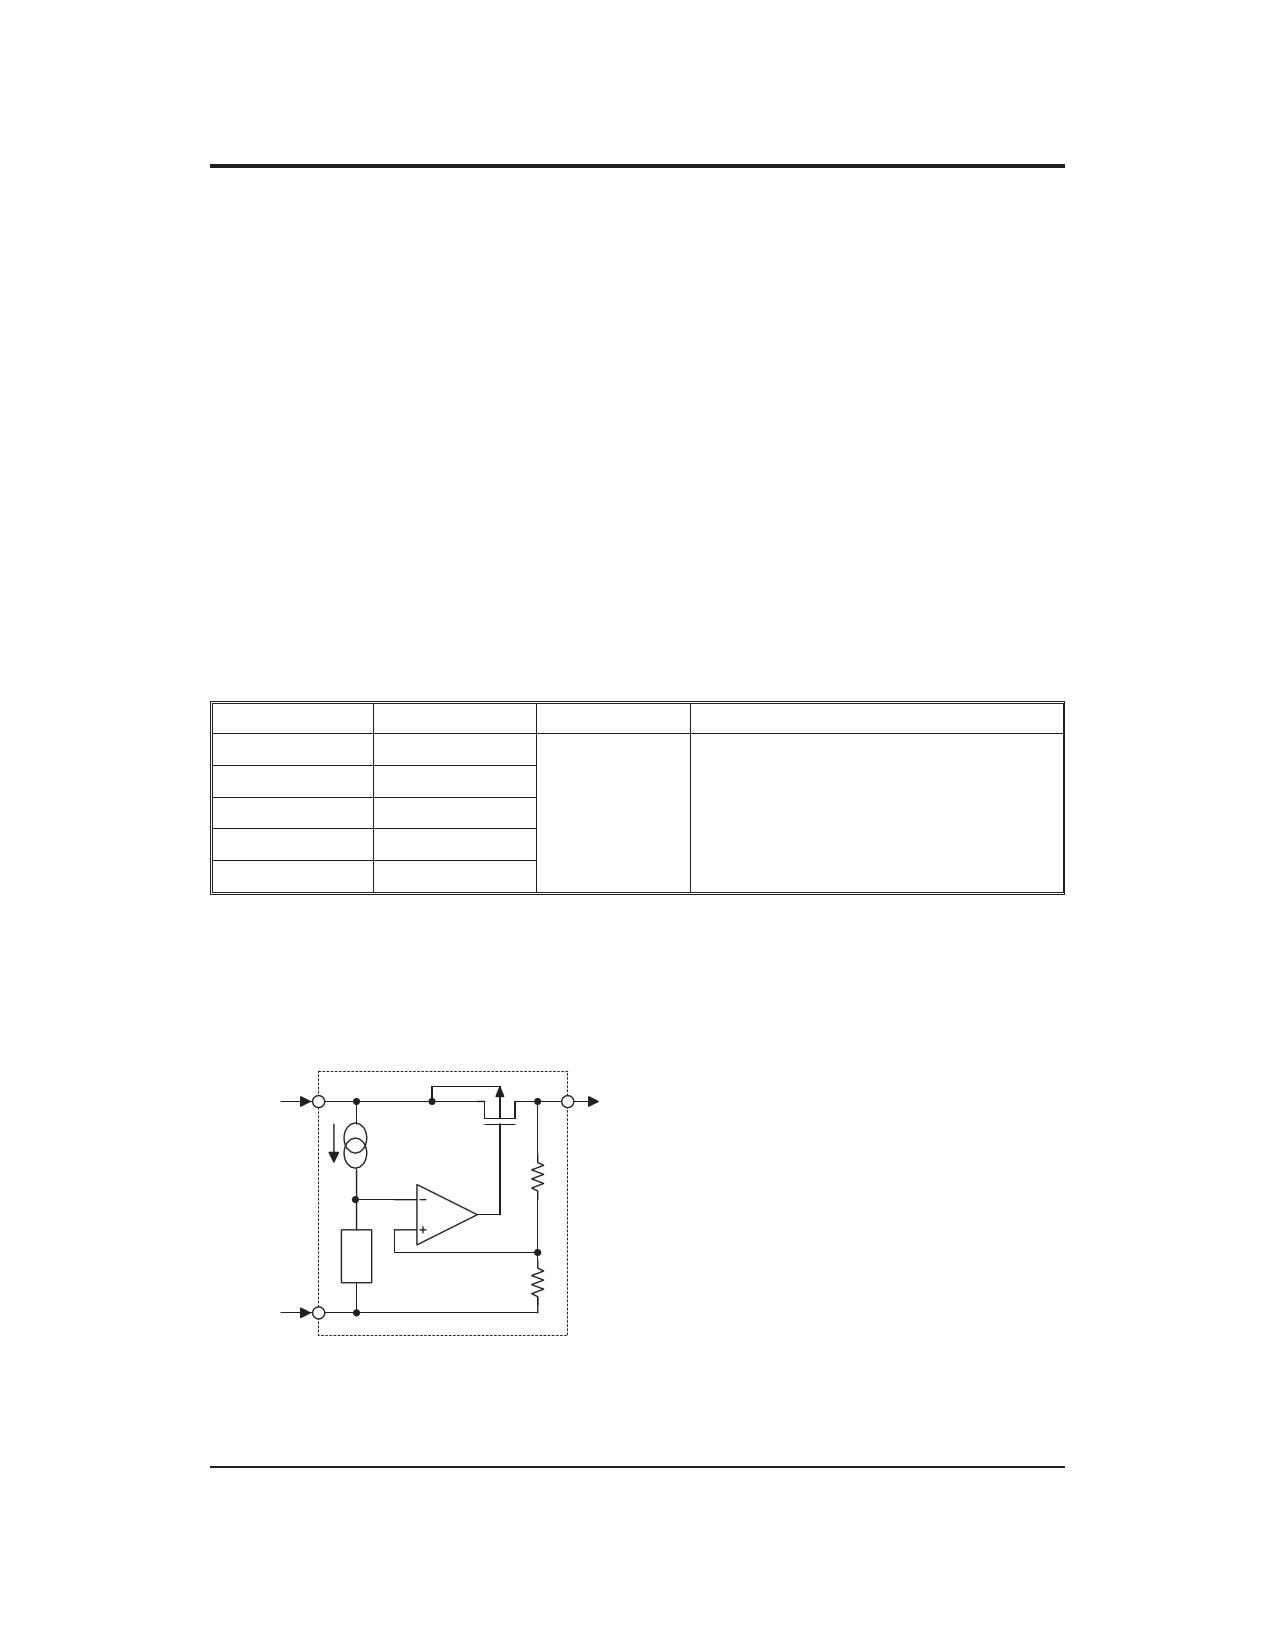 7136-1 datasheet